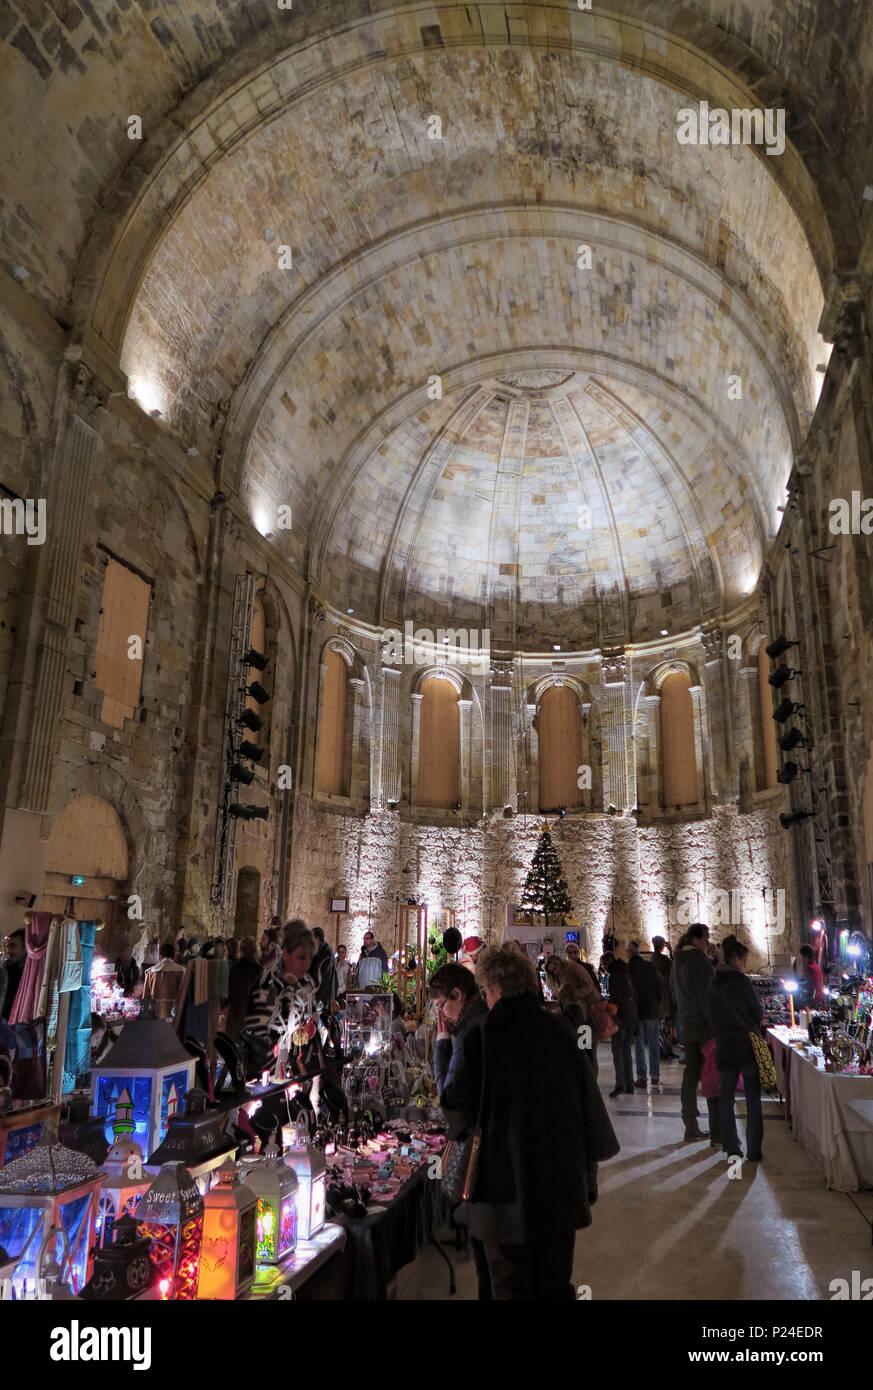 Weihnachtsmarkt Englisch.Traditionell Englisch Weihnachtsmarkt In Historischer Umgebung Im